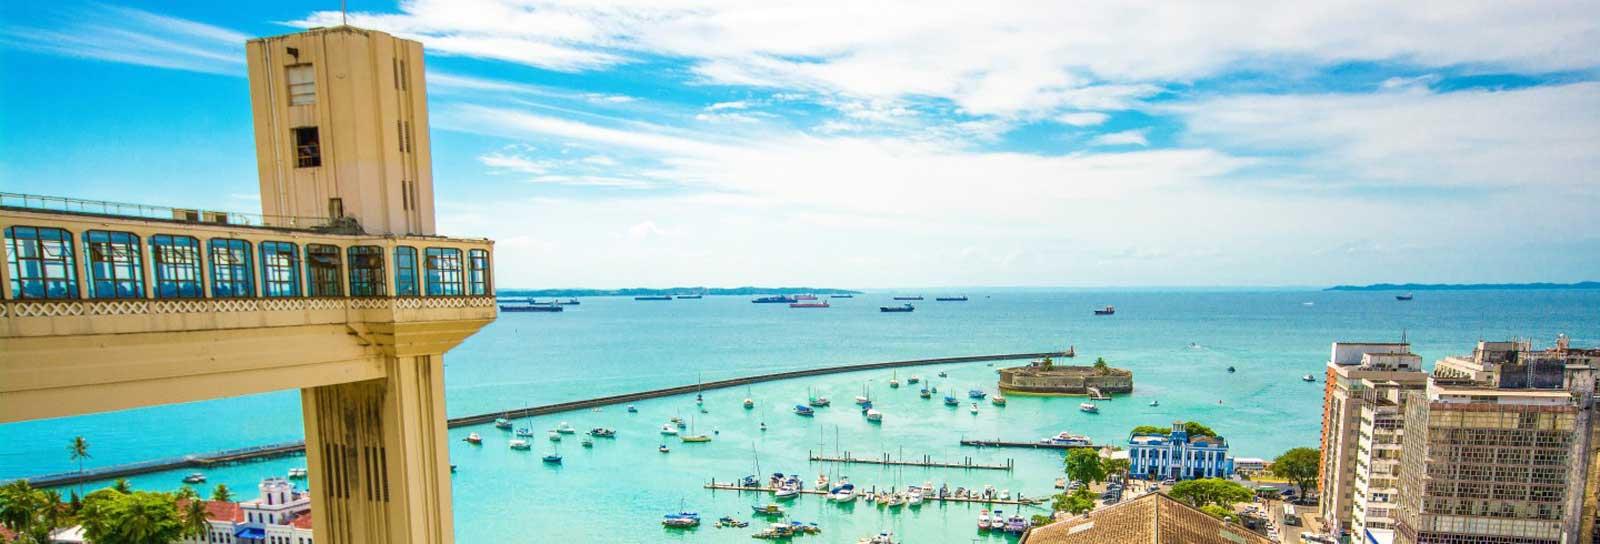 Bahia Salvador